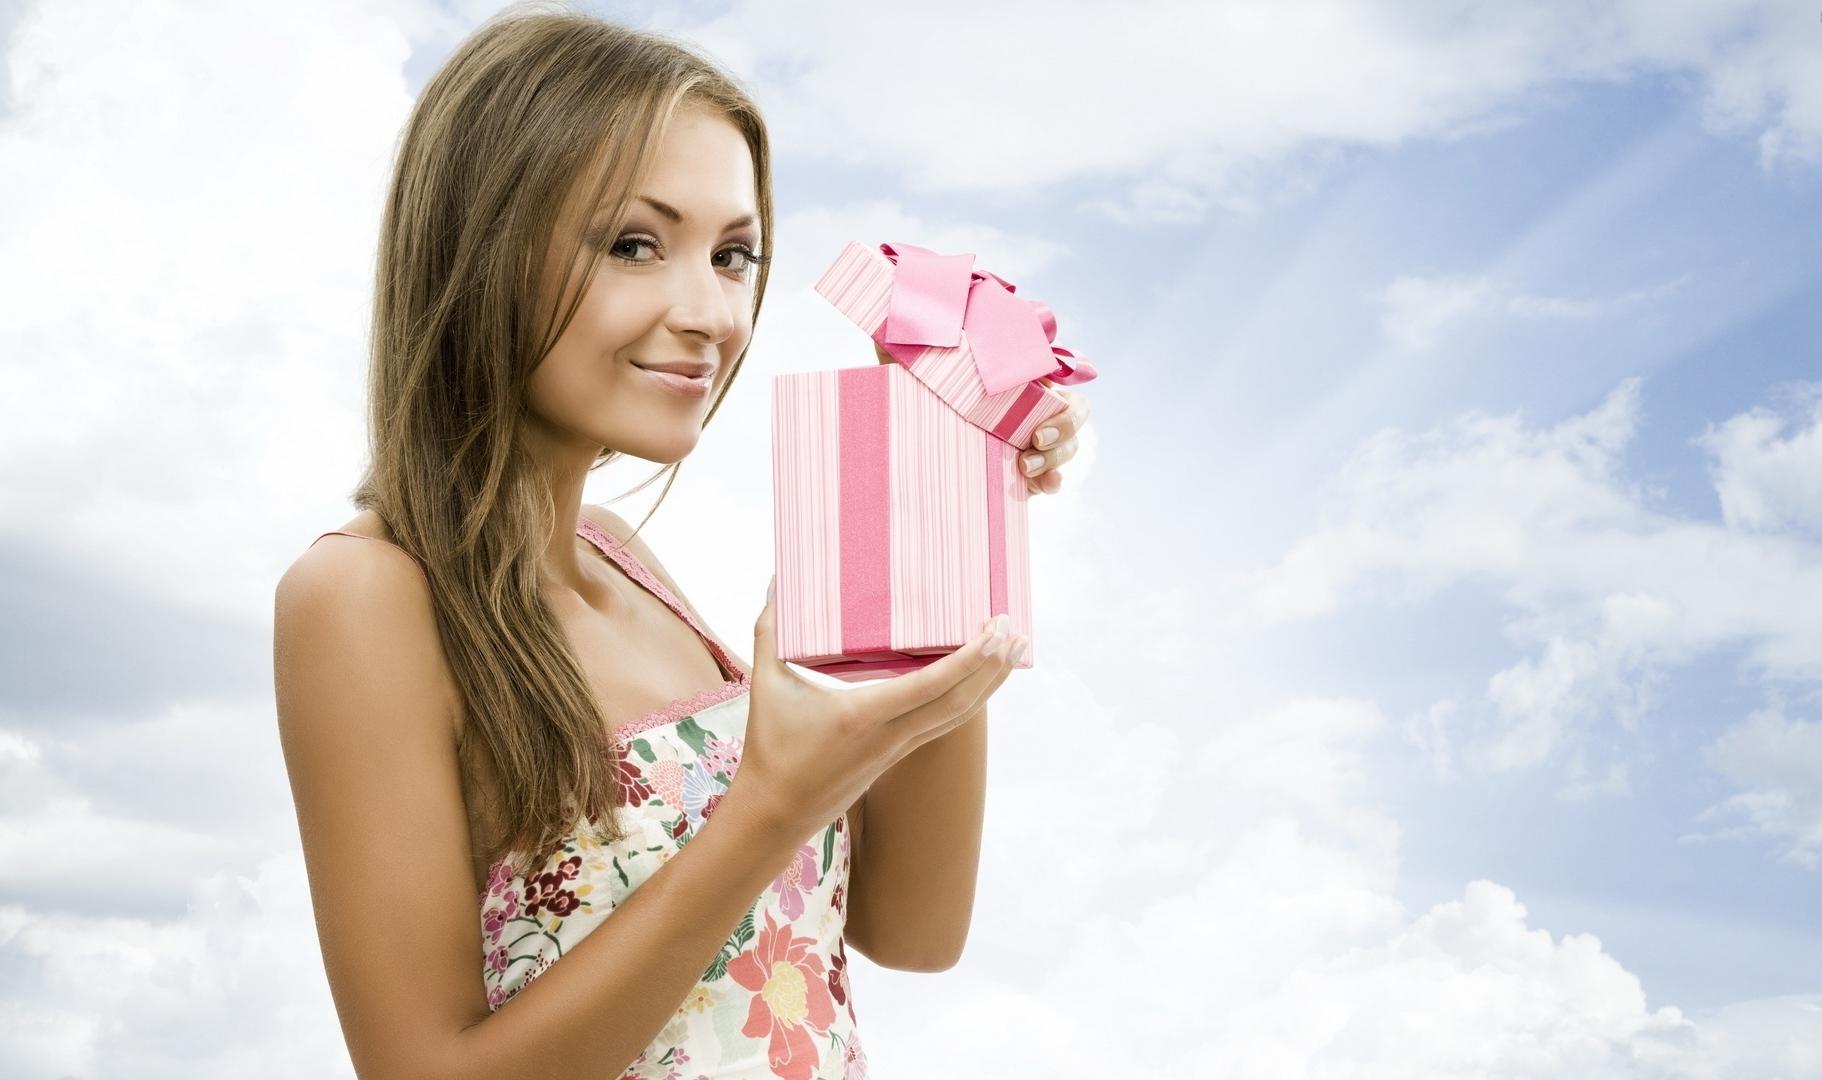 Картинки день рождение подарок, Стоковые Фотографии. Depositphotos 1